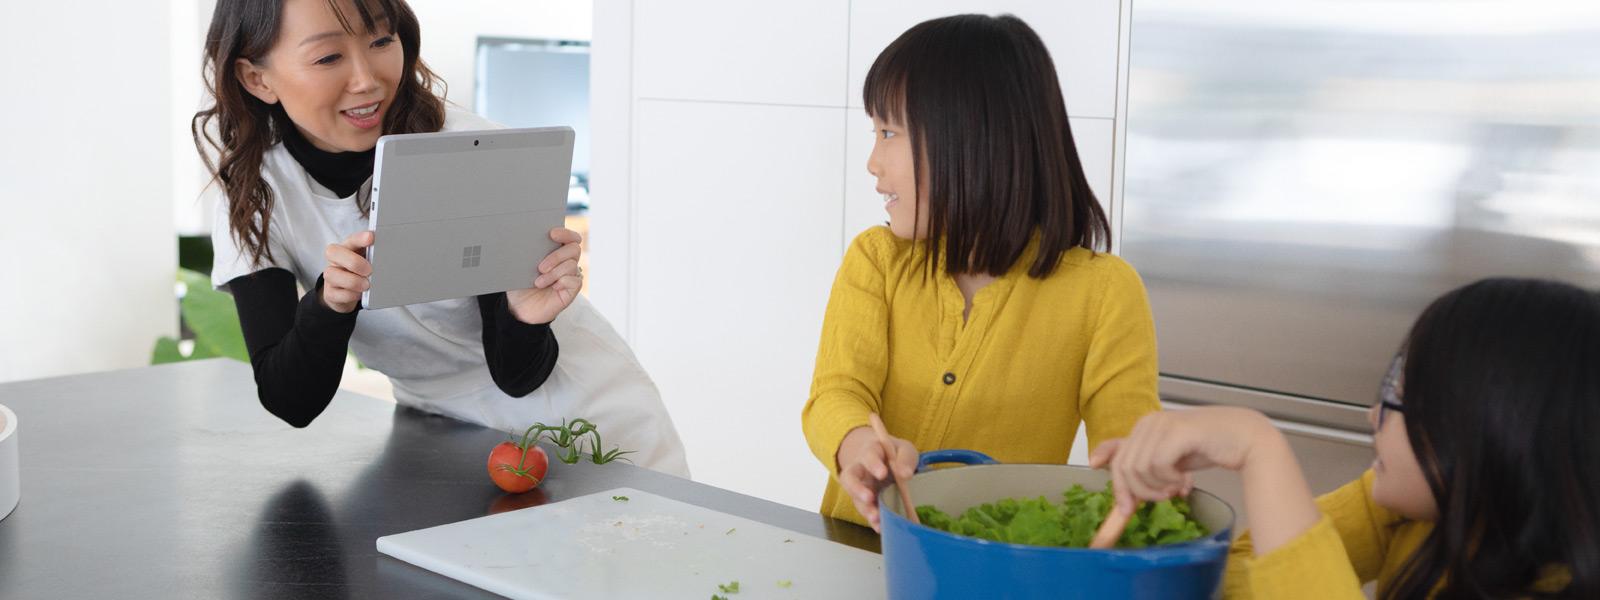 一位女士在用 Surface Go 给孩子拍照